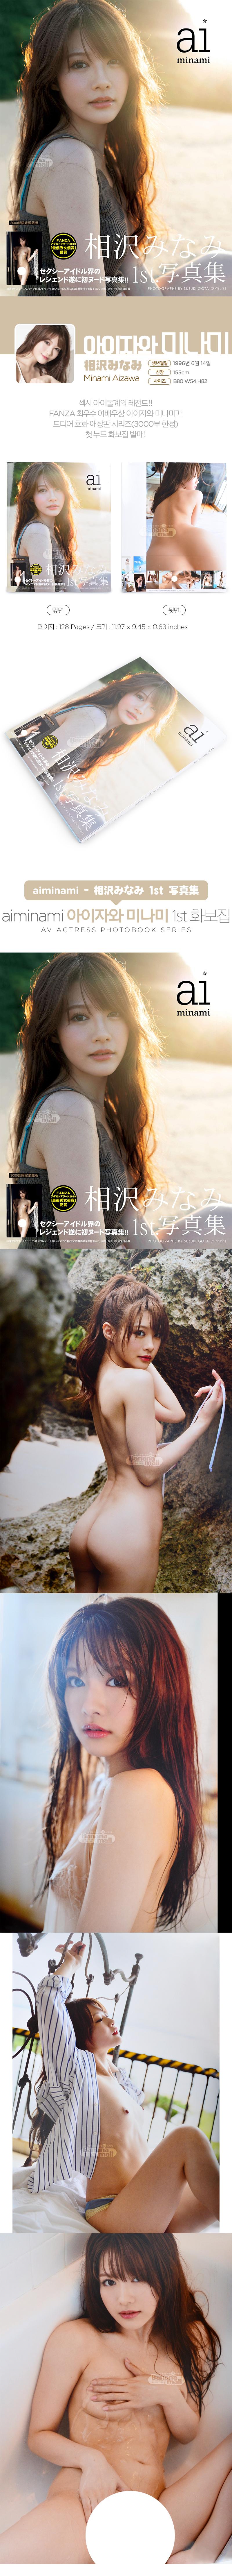 [일본 직수입] aiminami - 아이자와 미나미 1st 화보집(aiminami - 相沢みなみ 1st 写真集)